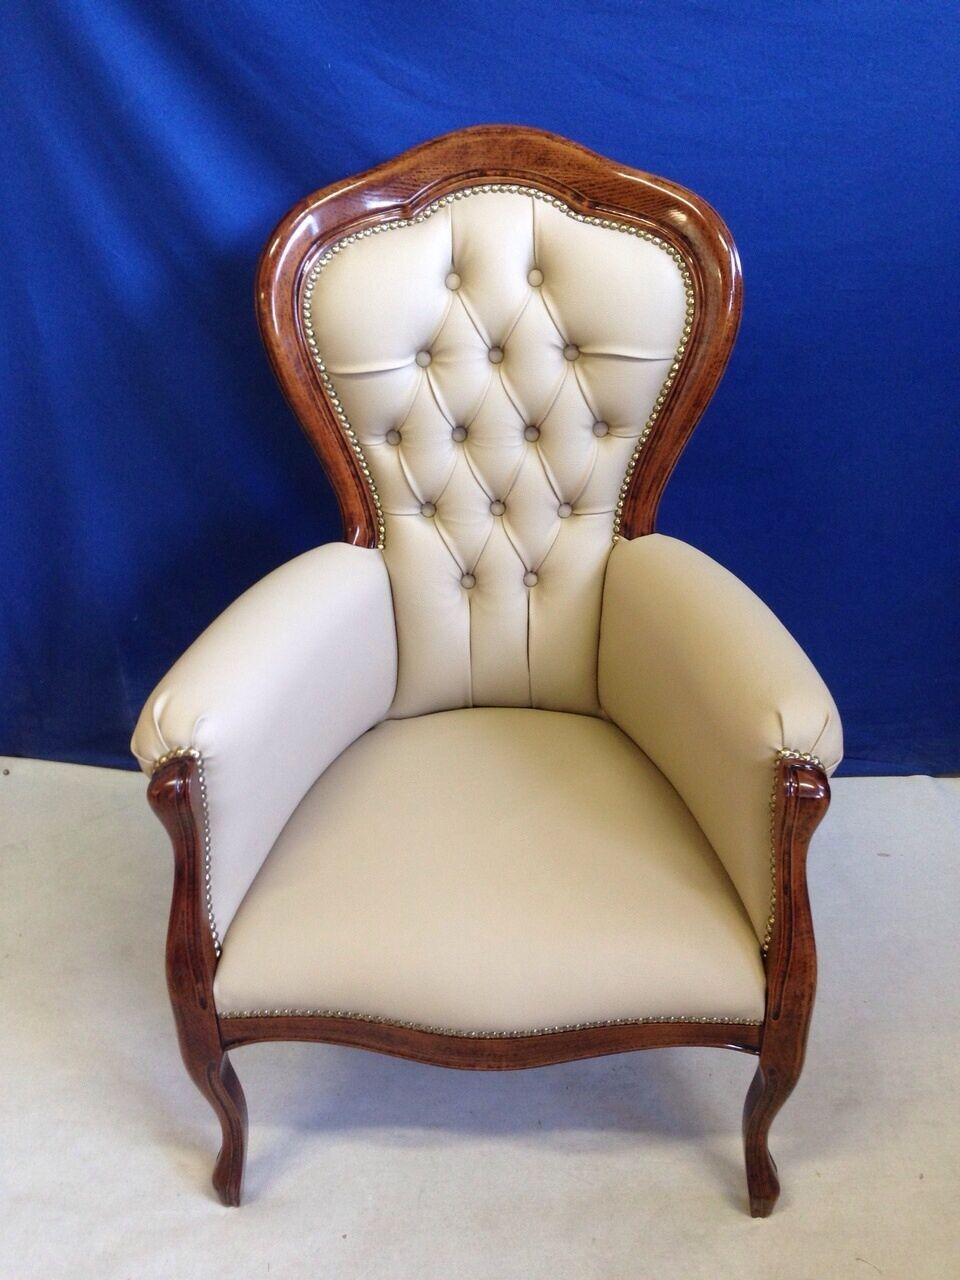 Nel nostro sito troverai un'ampia selezione di sedie per sala da pranzo adatte a tutti gli stili d. Poltrona In Pelle Poltroncina Camera Da Letto Ufficio Classica